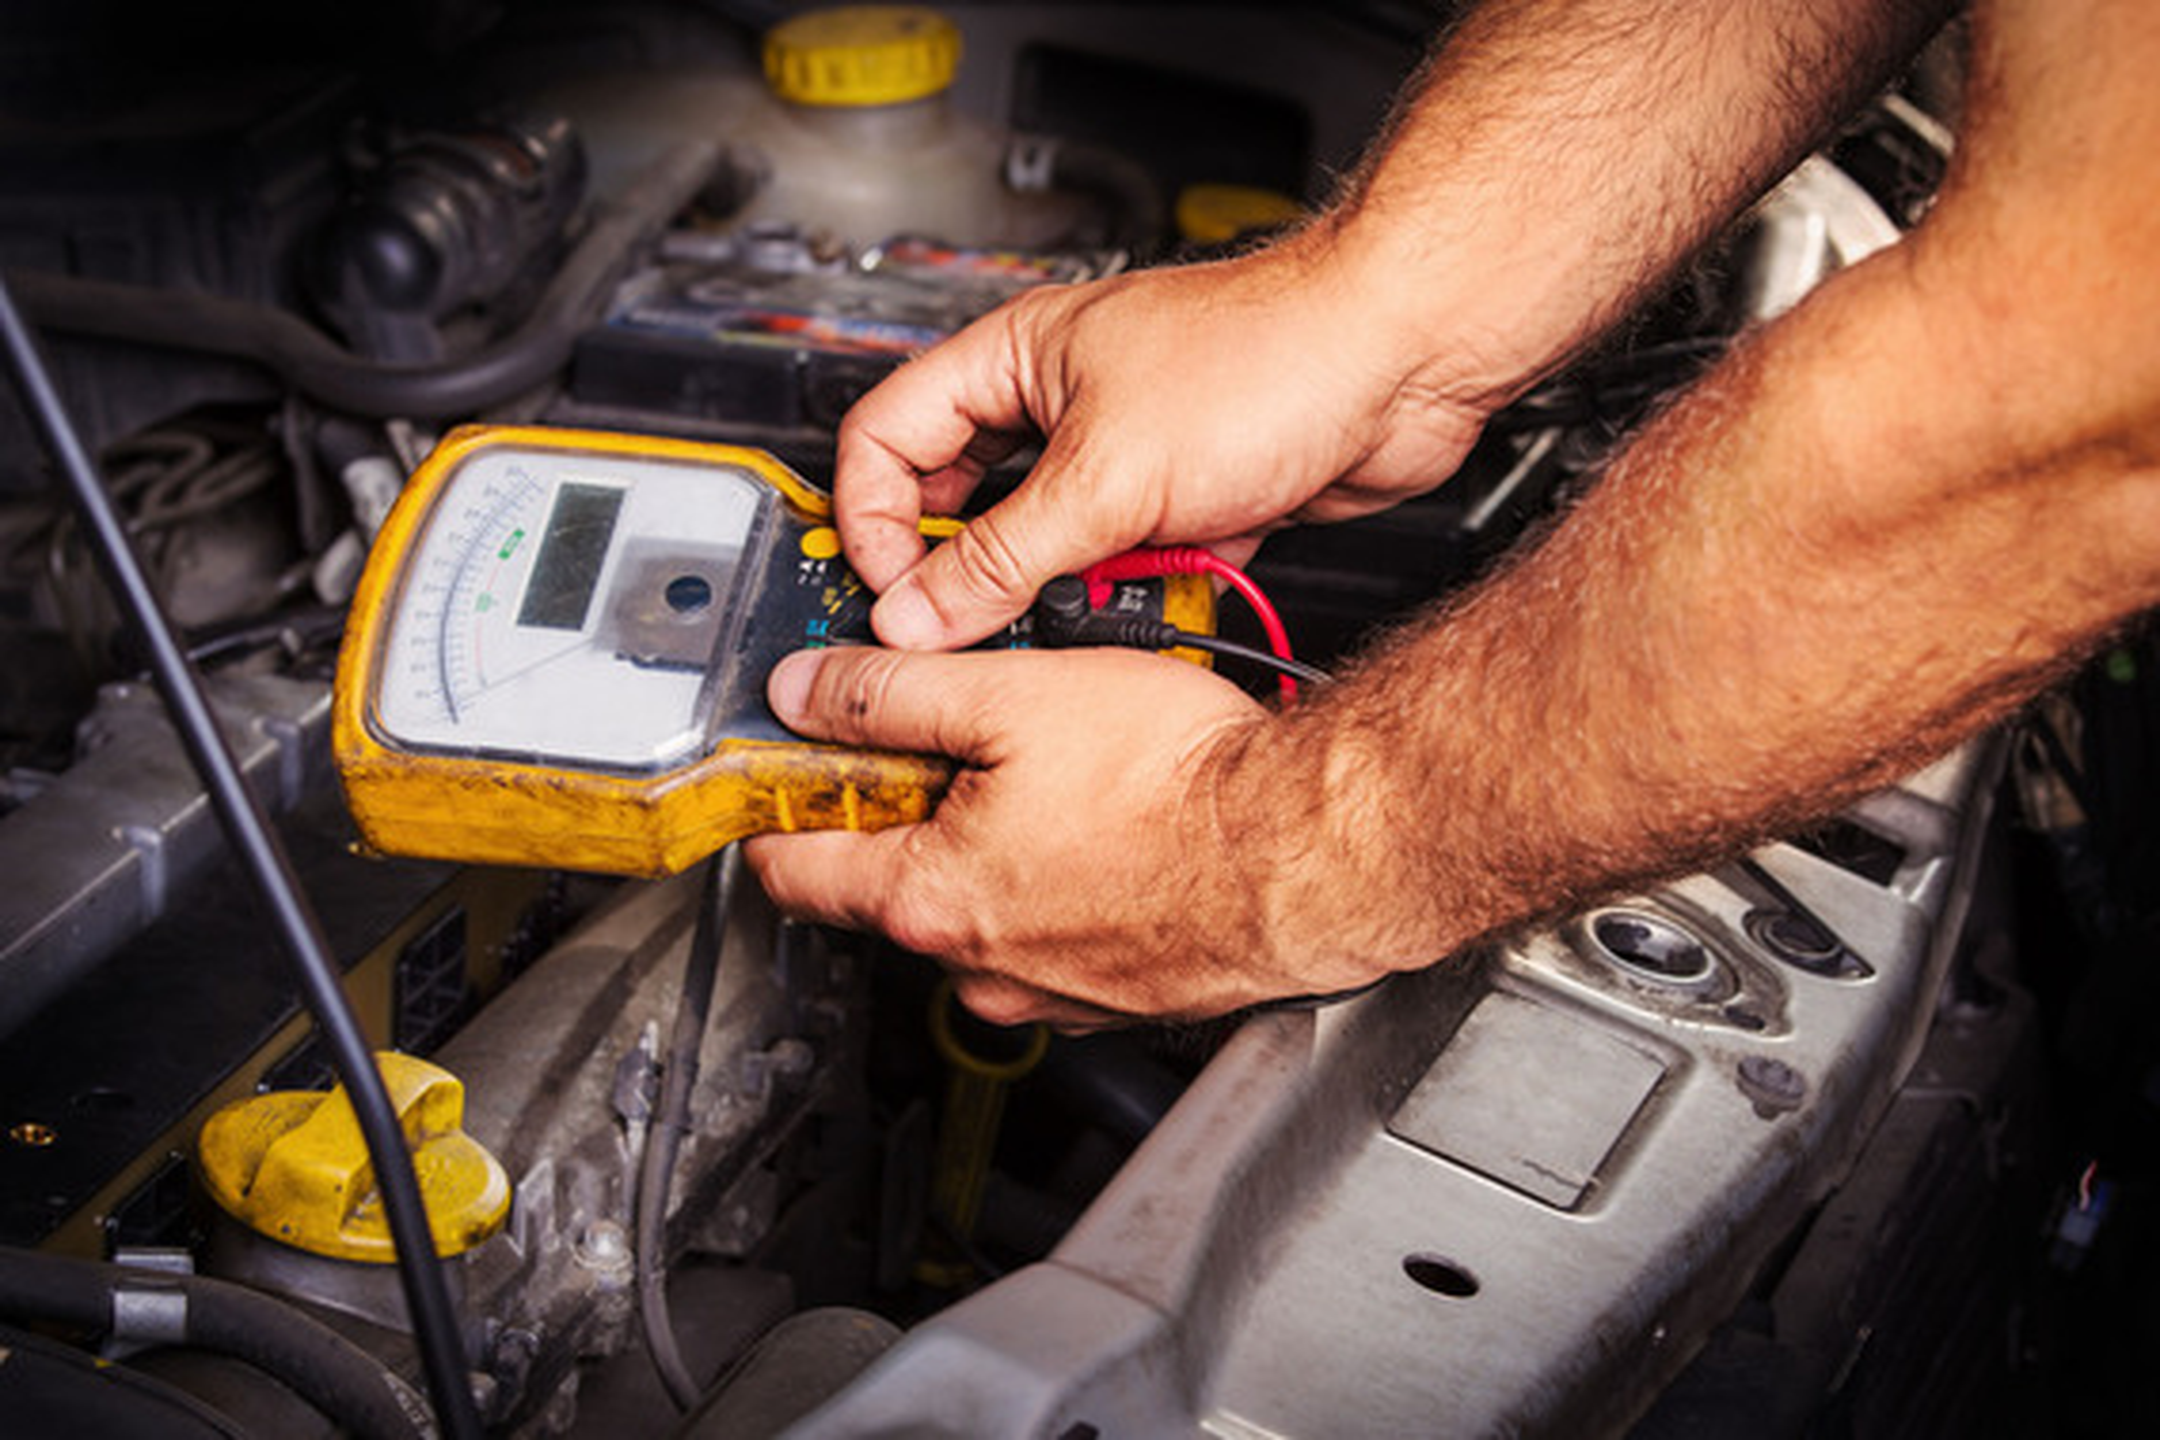 Диагностика машины перед покупкой